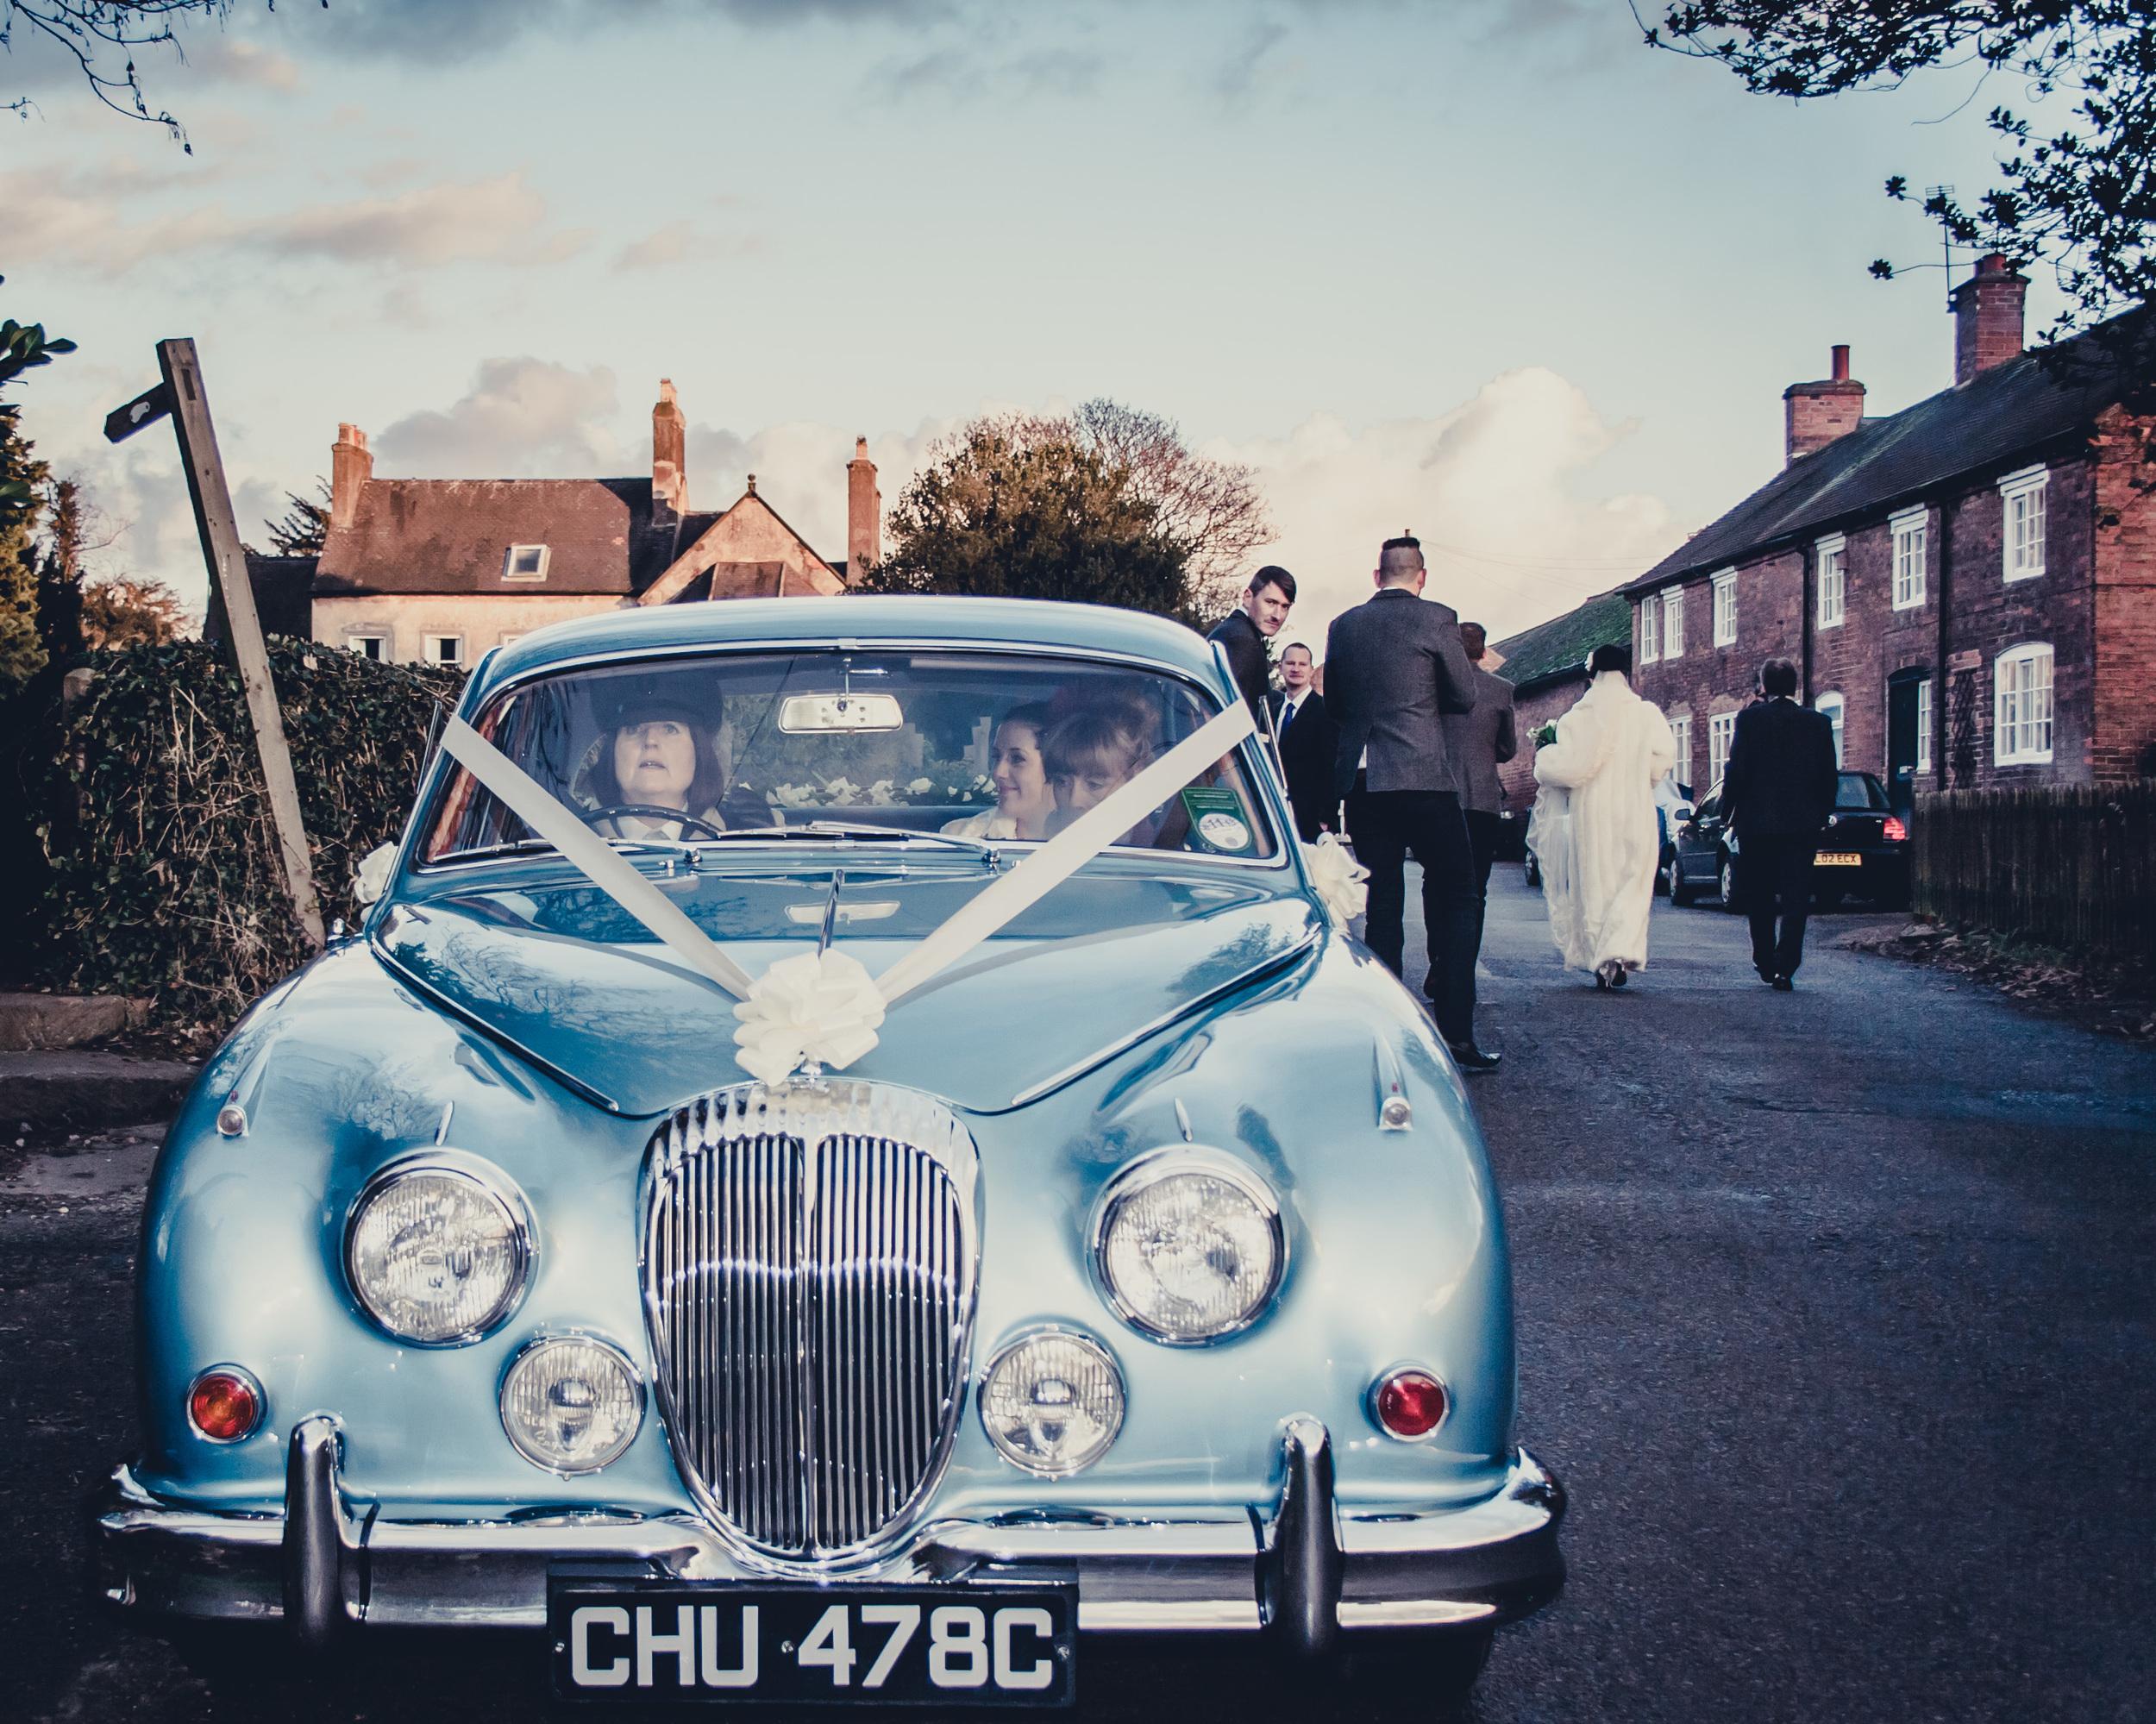 124 - Angela and Karls Wedding by www.markpugh.com -2176.jpg